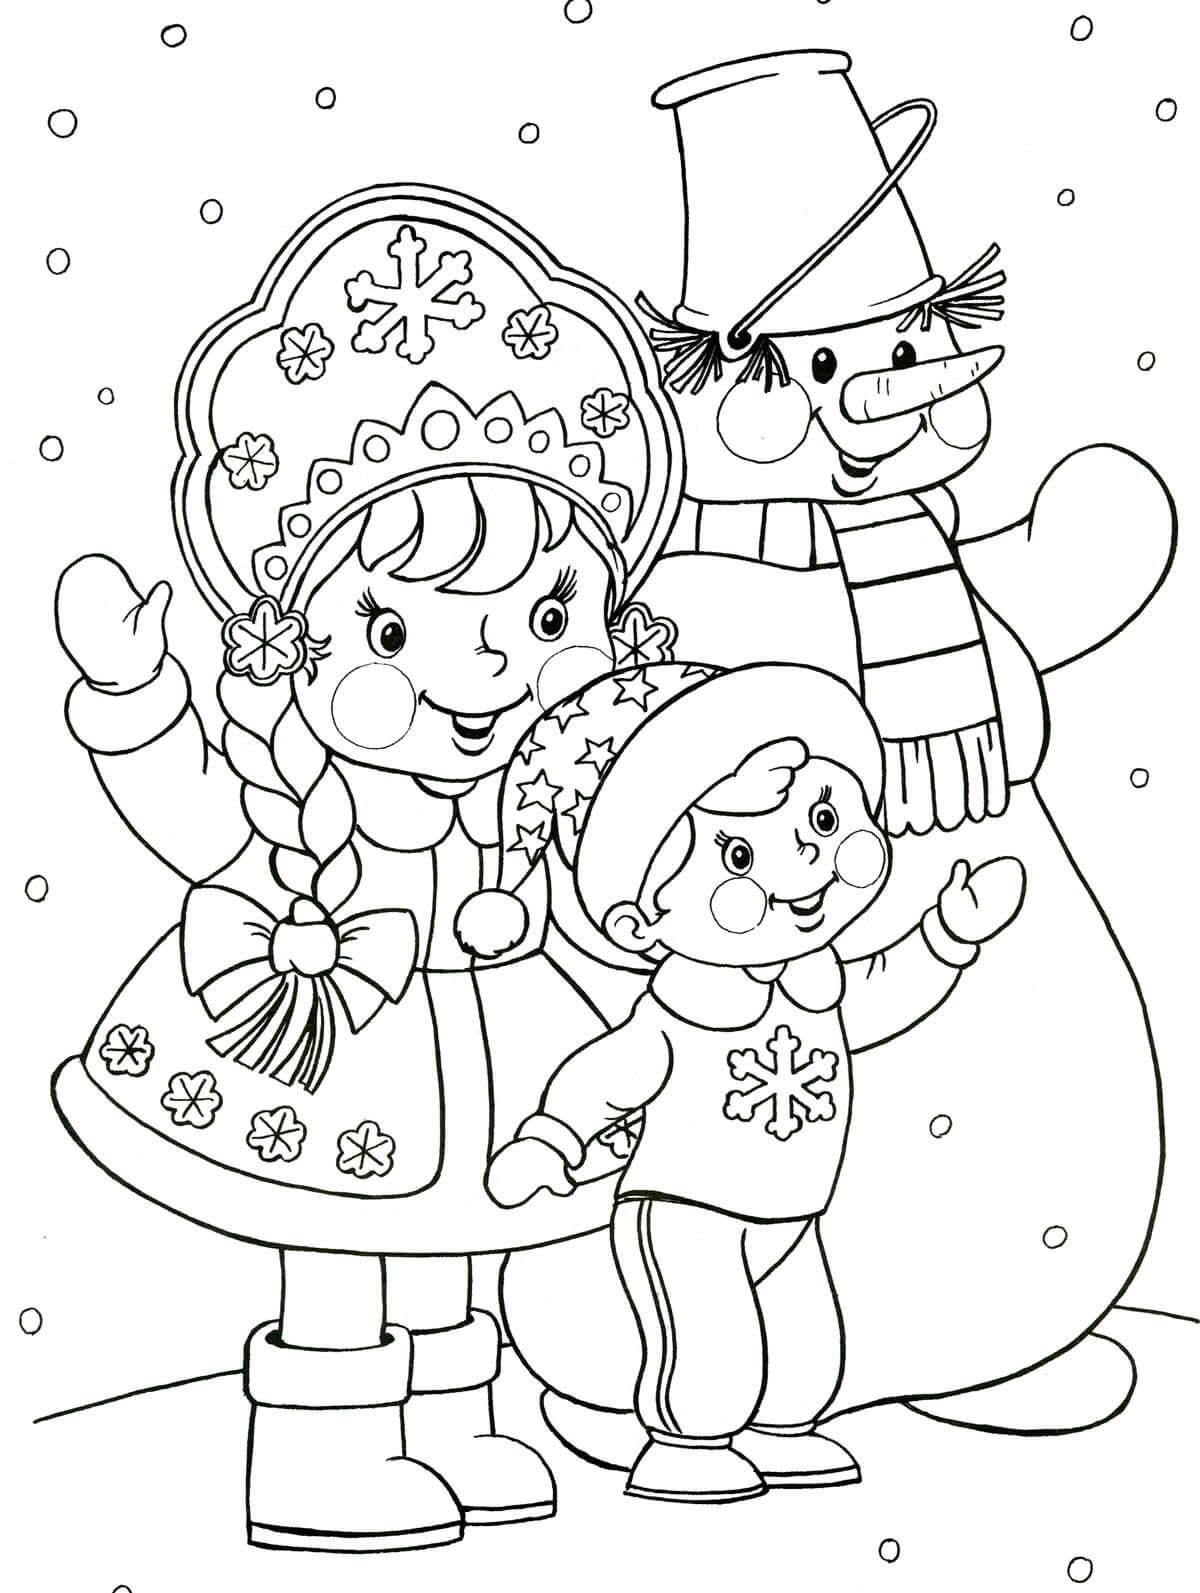 Лучшие новогодние картинки для детей для срисовки - подборка 6